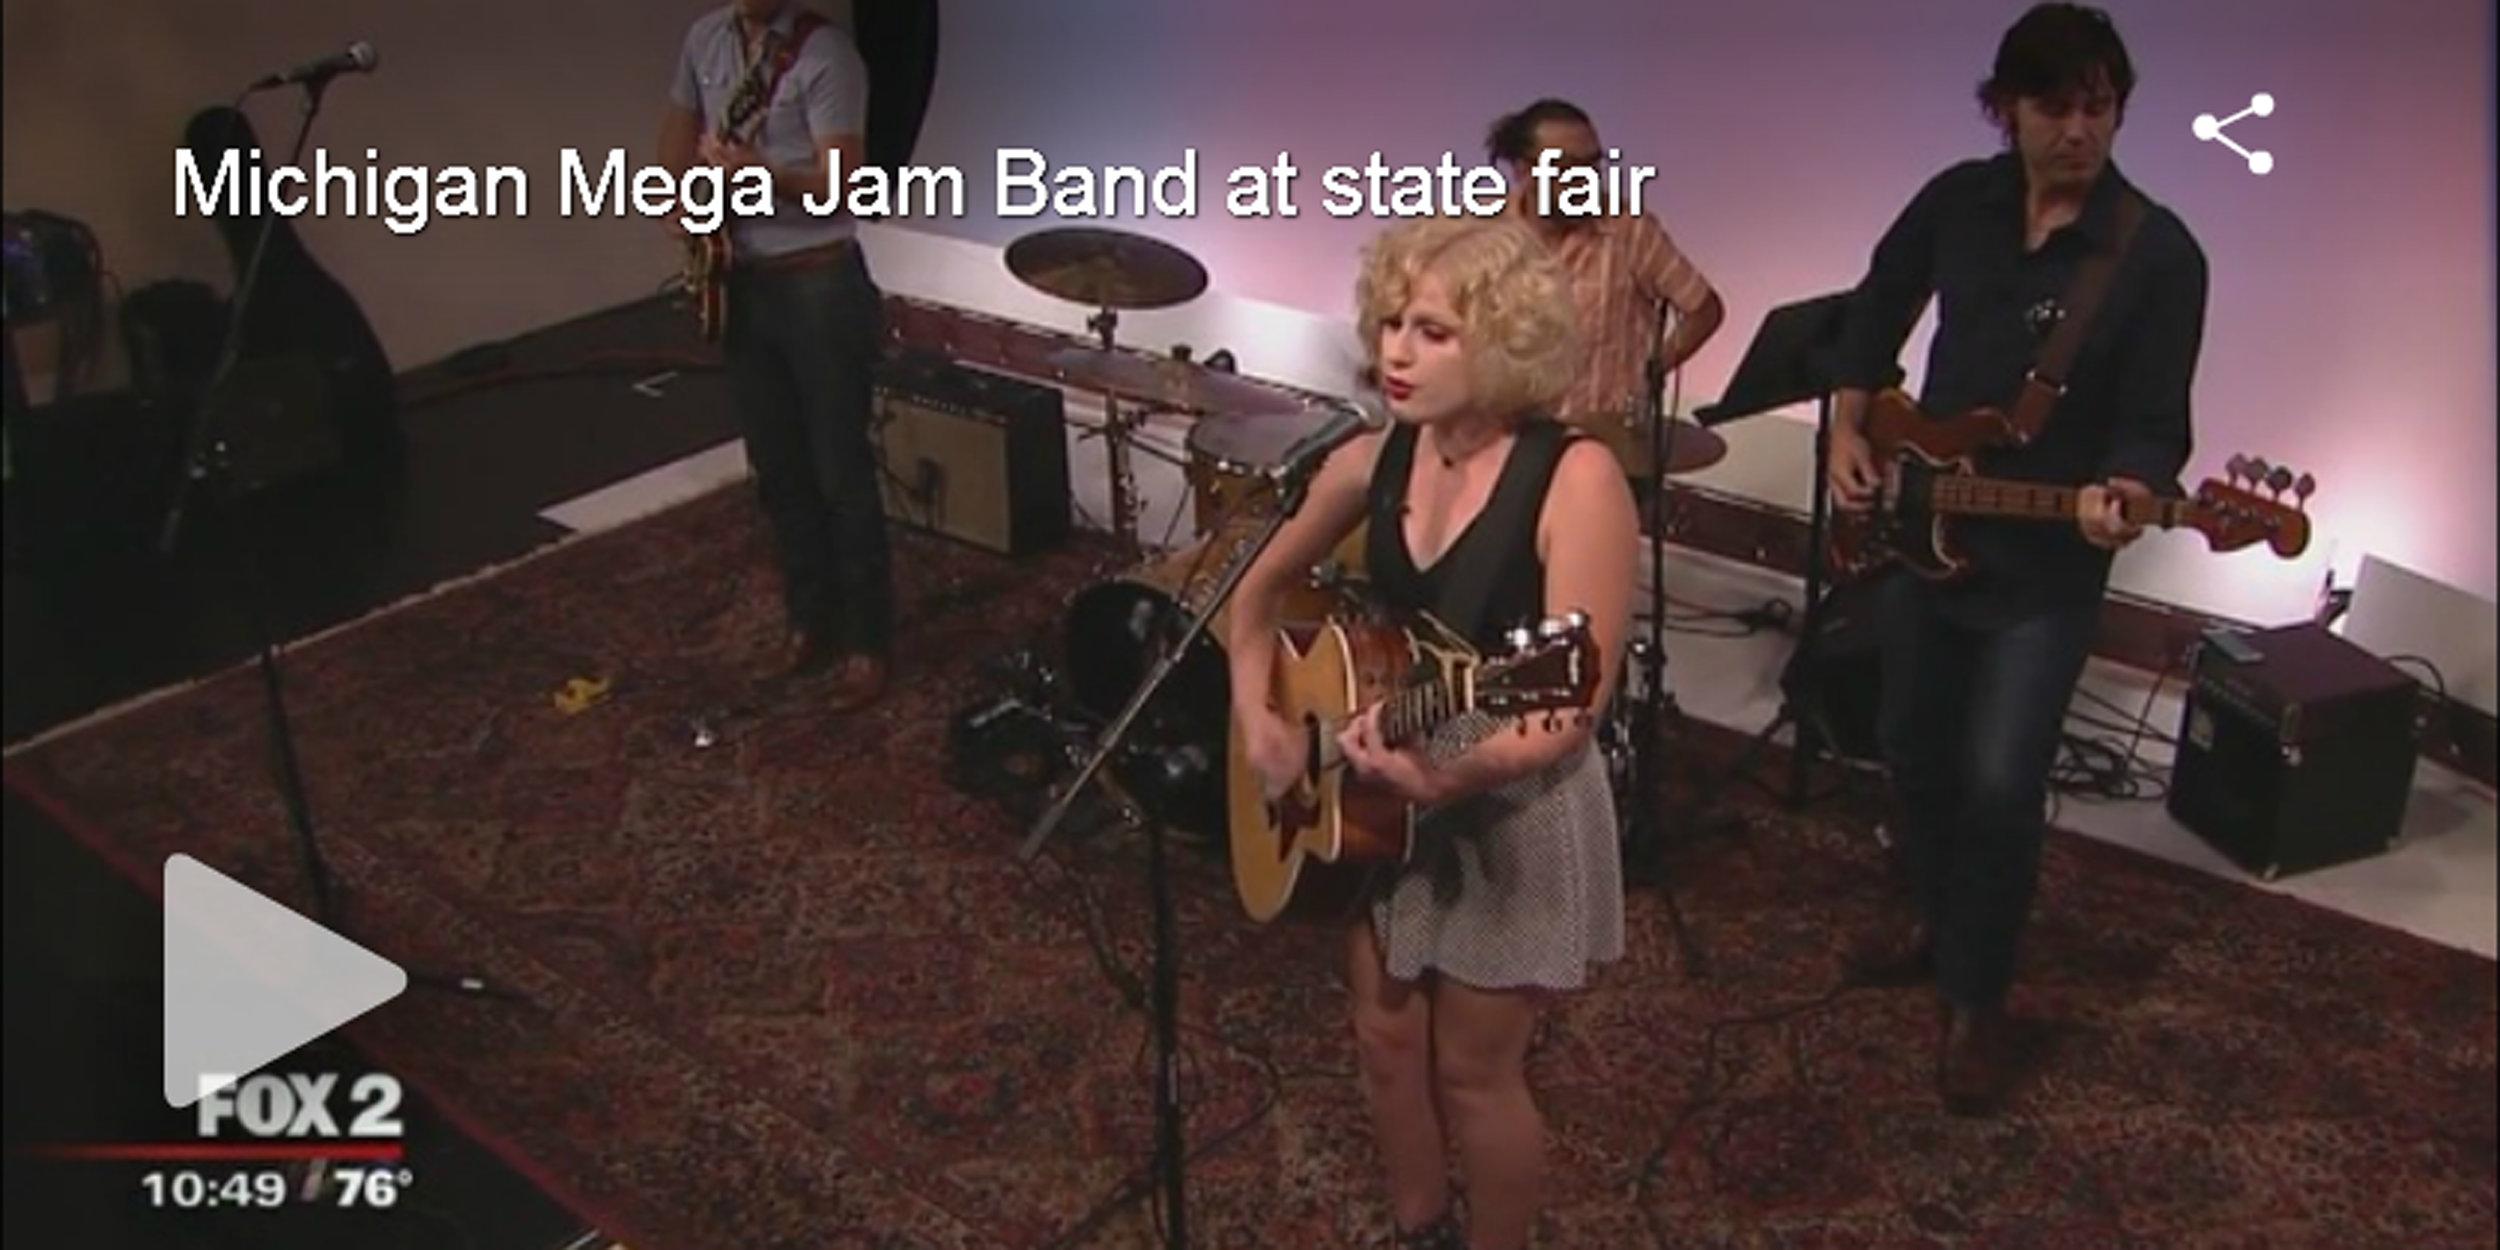 Michigan Mega Jam Band at state fair